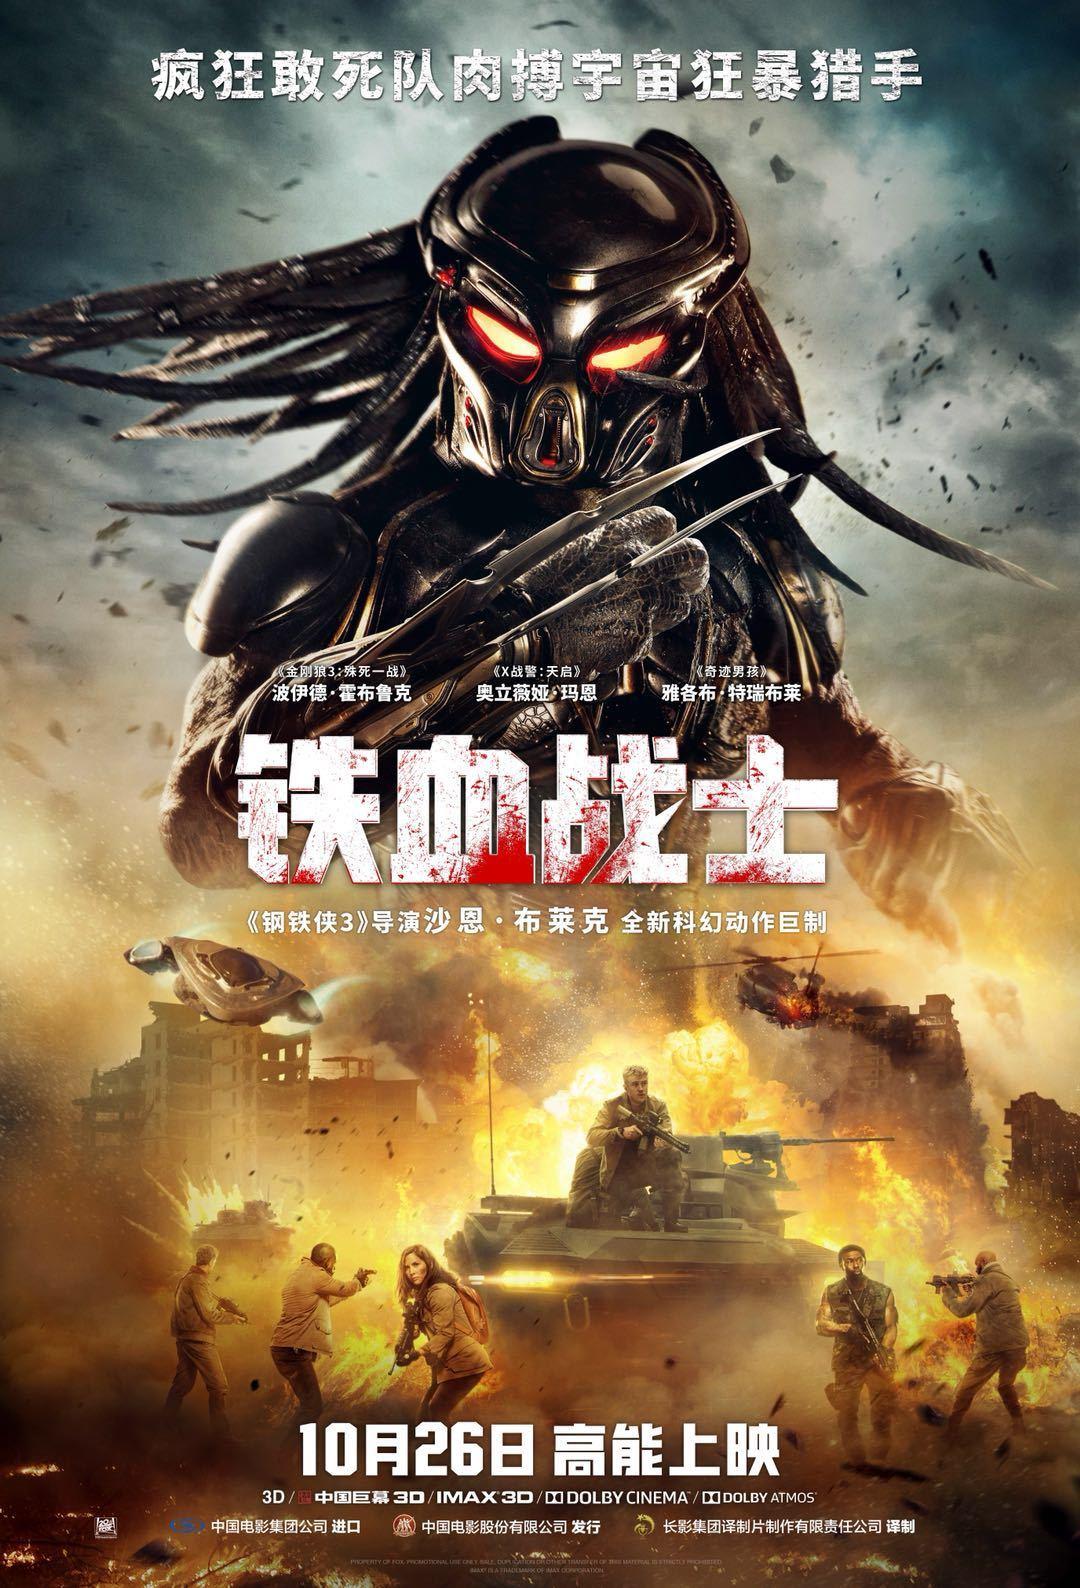 《铁血战士》曝角色预告,最疯战士叫板最强猎手底